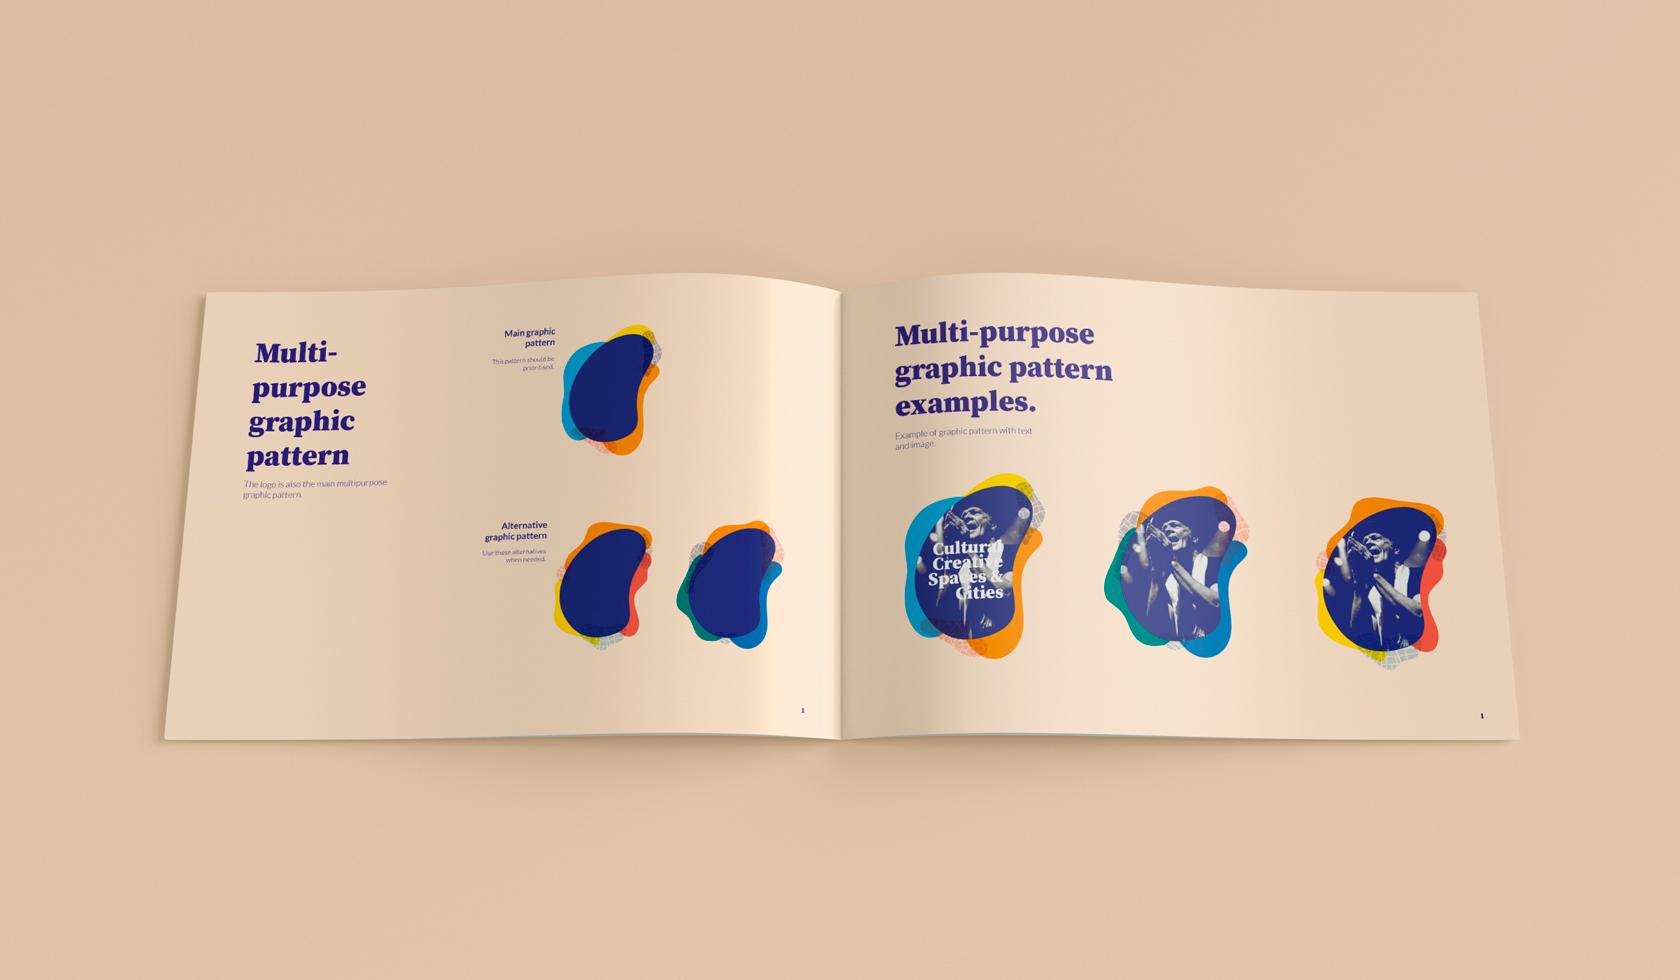 Cultural Creative Spaces & Cities grafiska profil och manual - Grafiska element